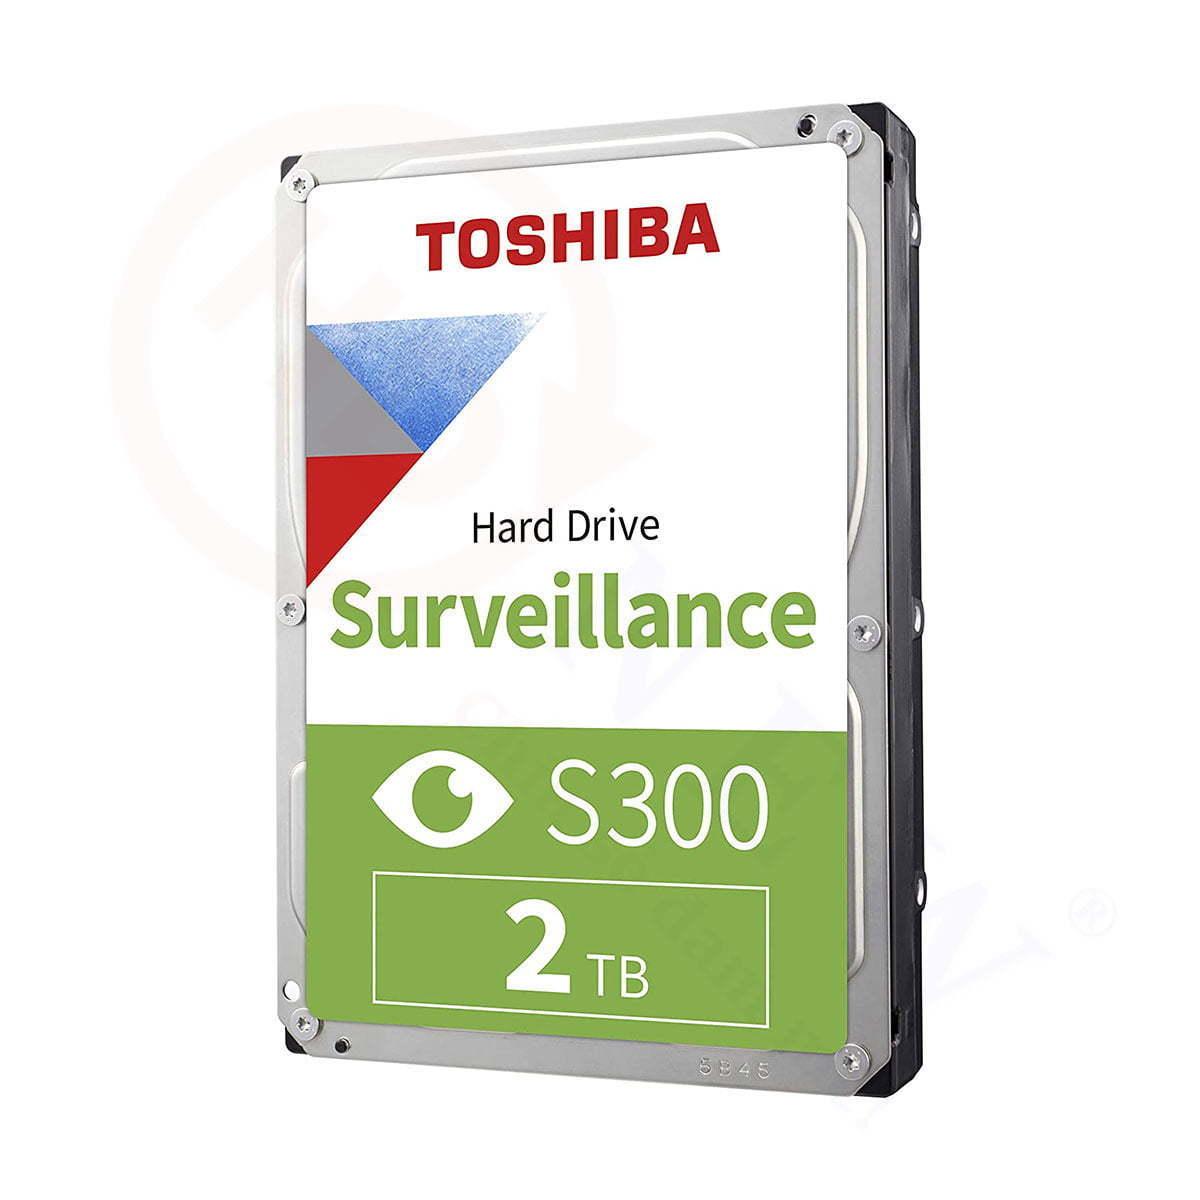 Ổ cứng Toshiba S300 2TB (HDWT720UZSVA) | HDnew - Chia sẻ đam mê